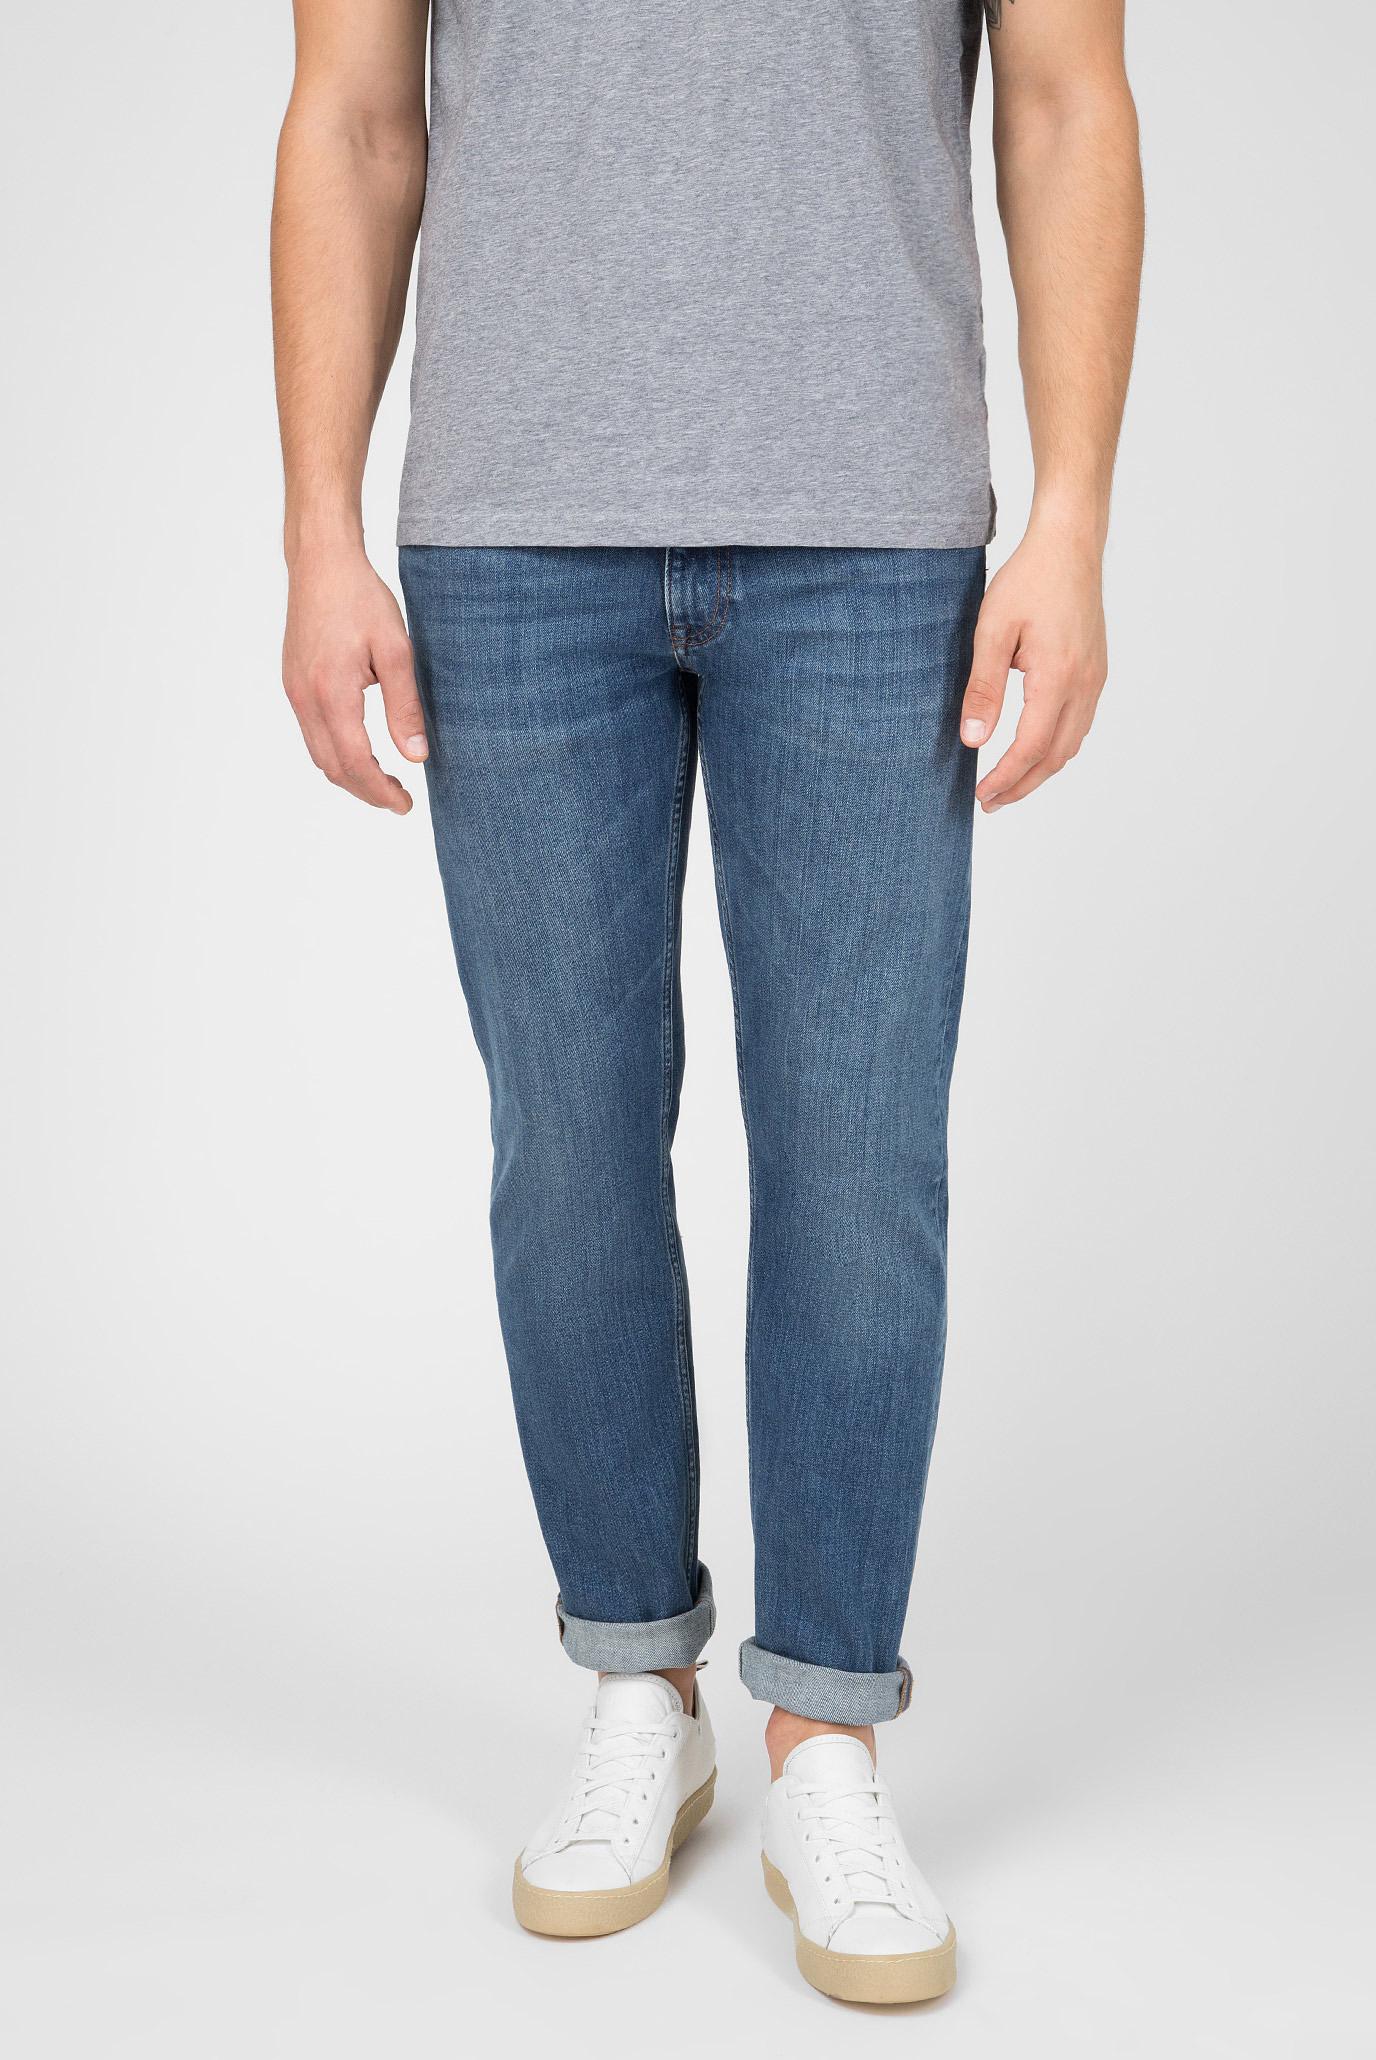 Купить Мужские синие джинсы REGULAR STRAIGHT GANT JEAN Gant Gant 1315009 – Киев, Украина. Цены в интернет магазине MD Fashion